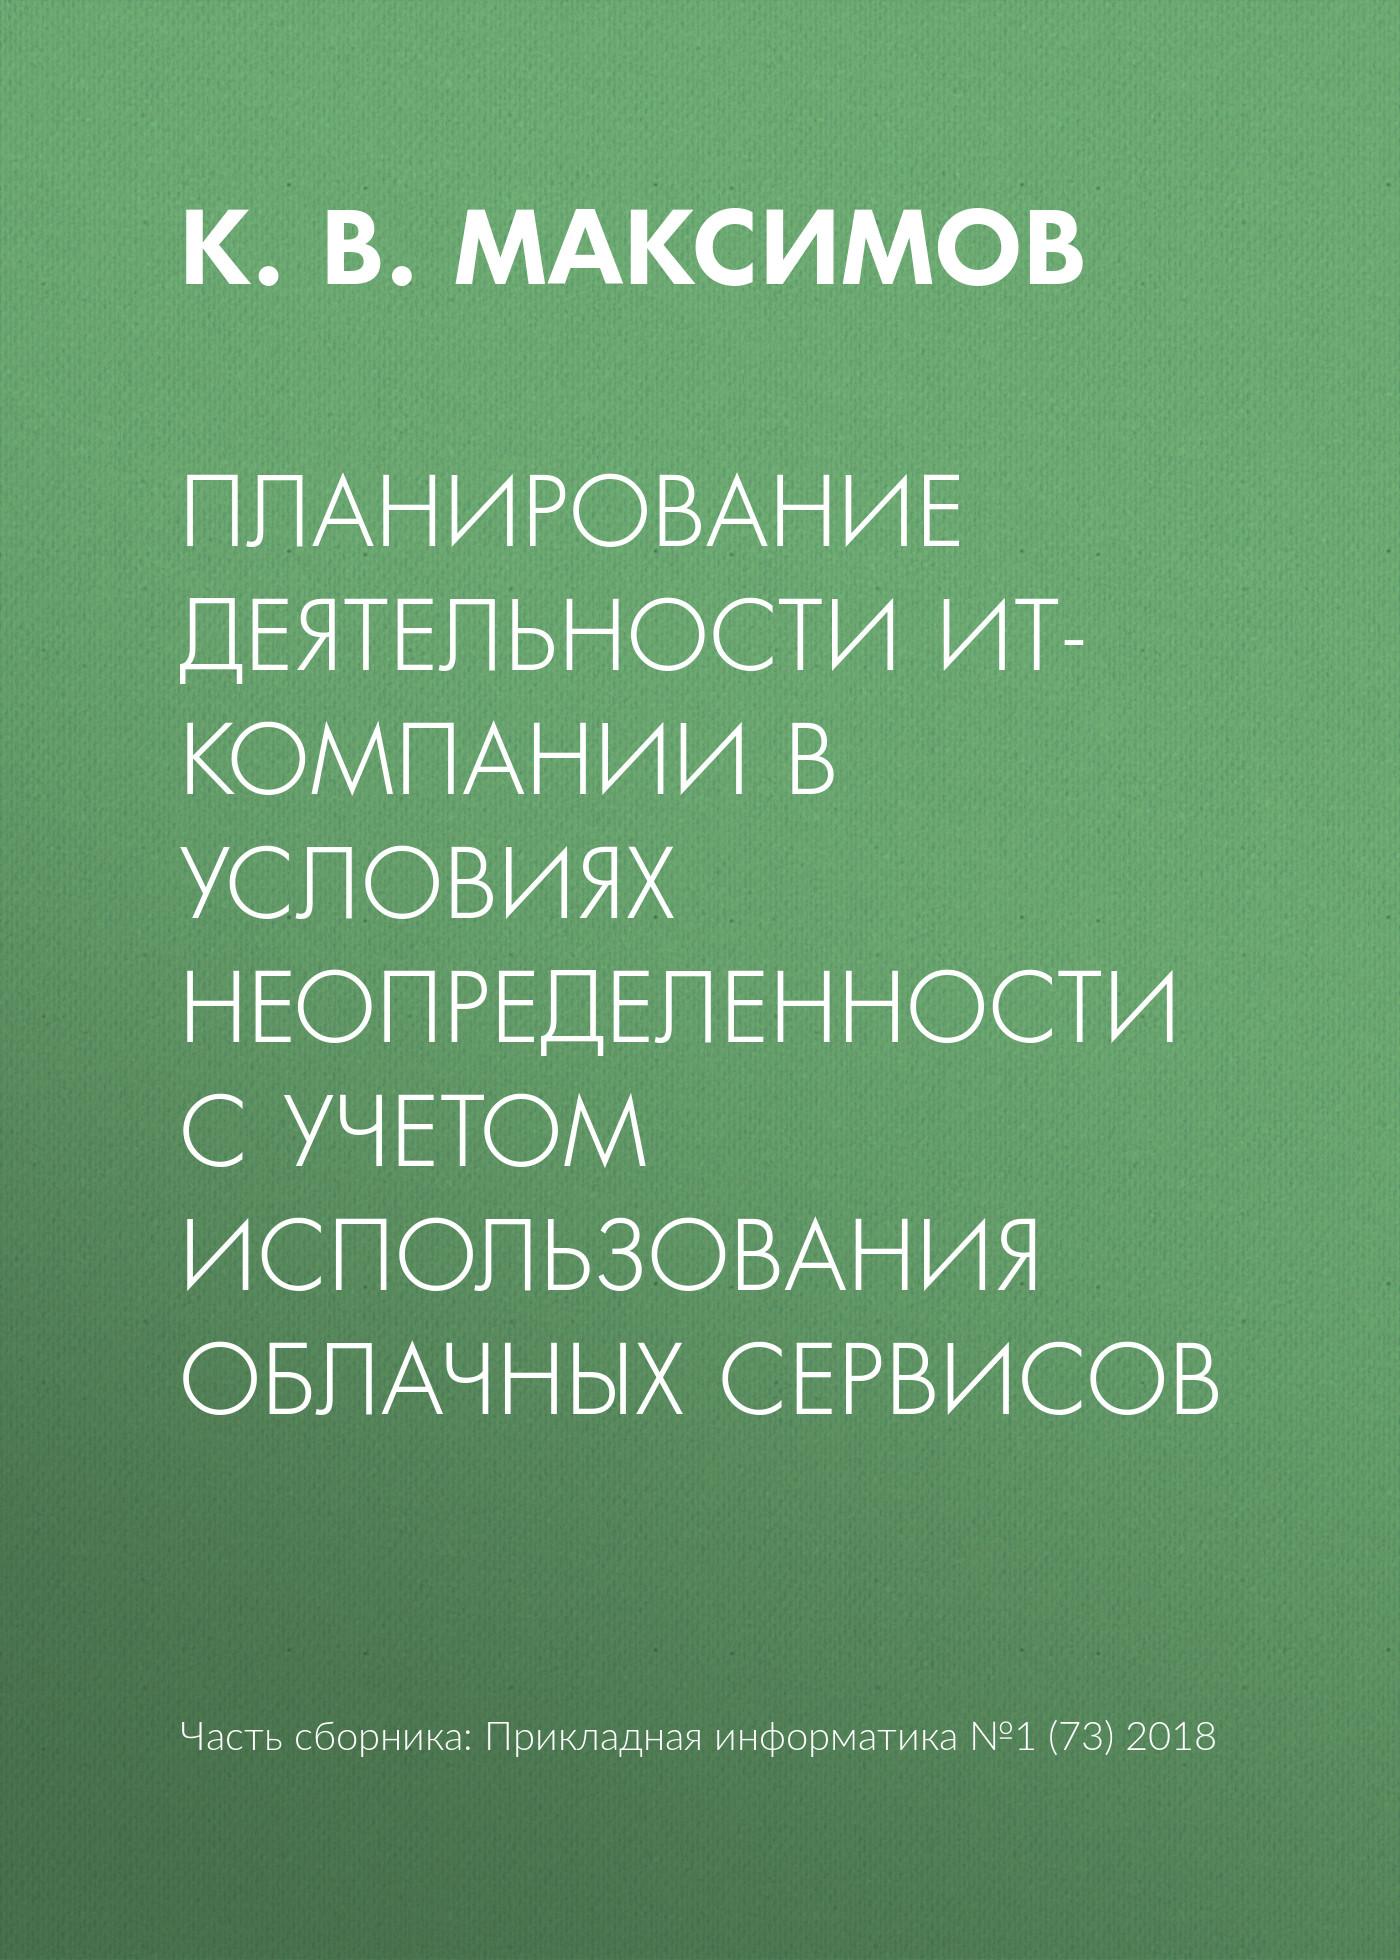 К. В. Максимов Планирование деятельности ИТ-компании в условиях неопределенности с учетом использования облачных сервисов